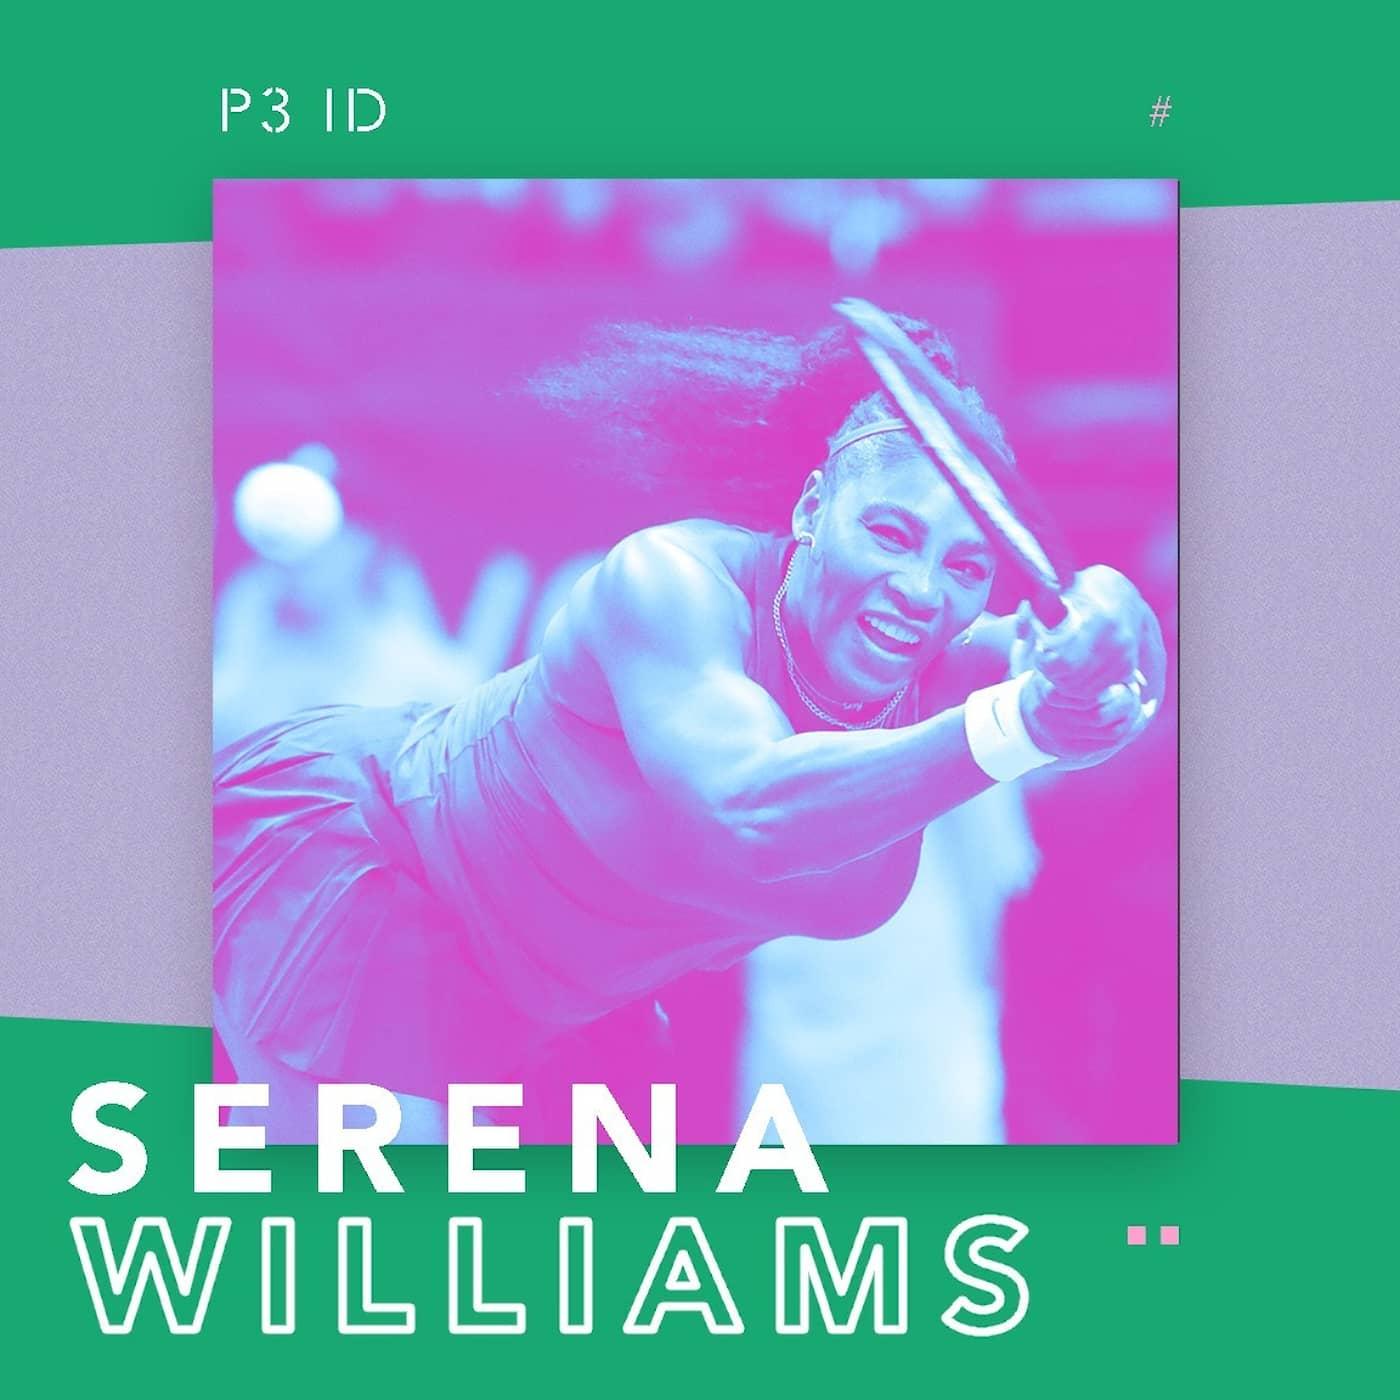 Serena Williams – Berättelsen om hur en tjej från Compton blir världens bästa tennisspelare